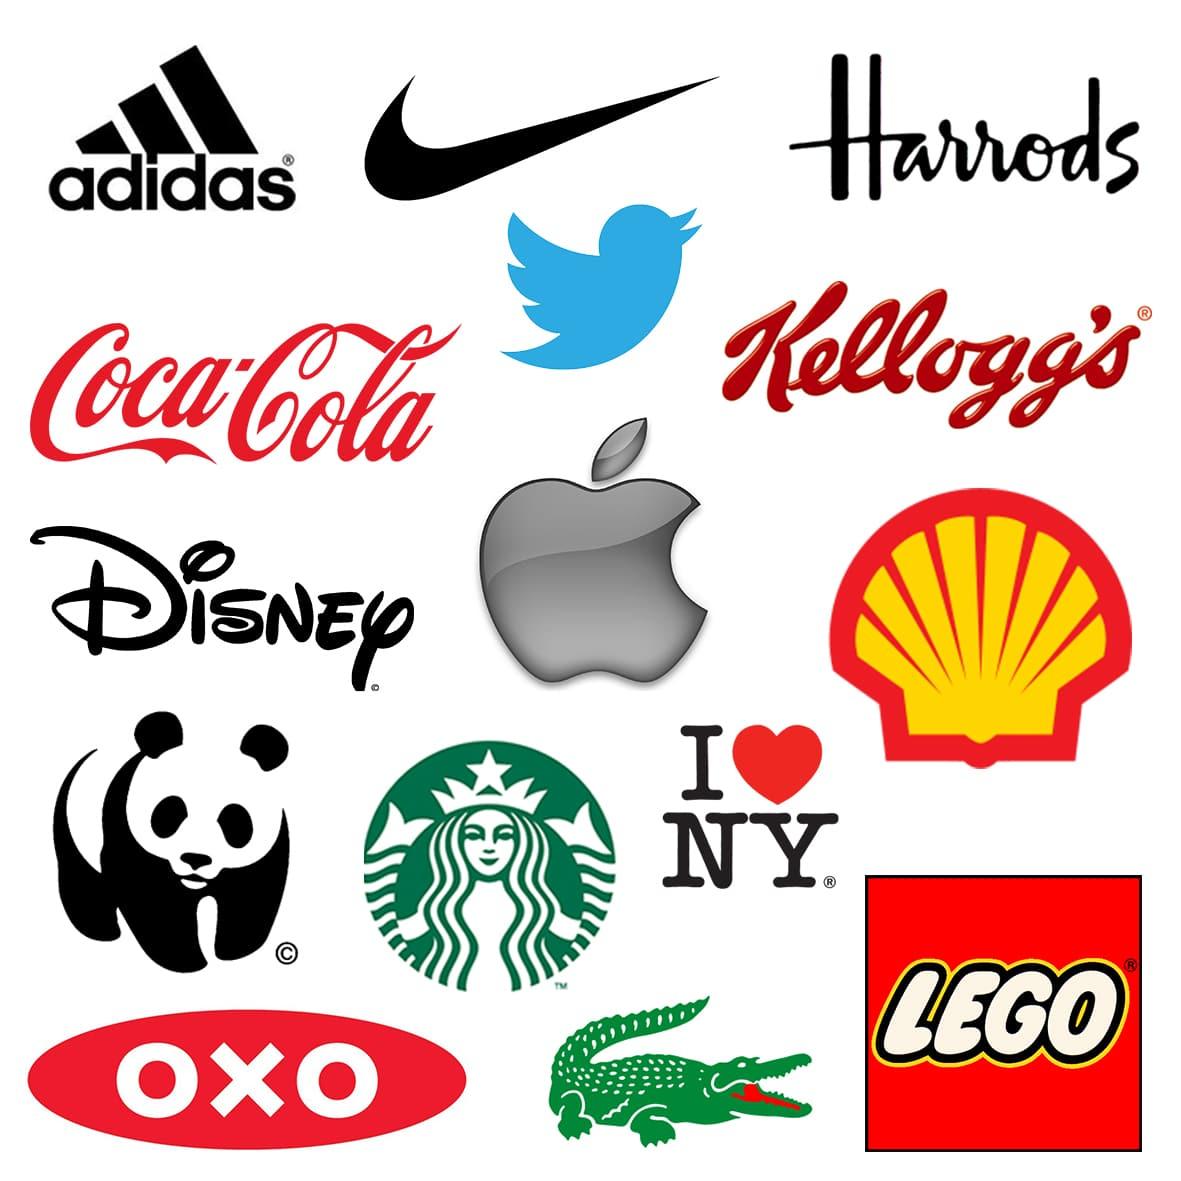 Por qué cambian los logotipos? | HADOCK Creativos